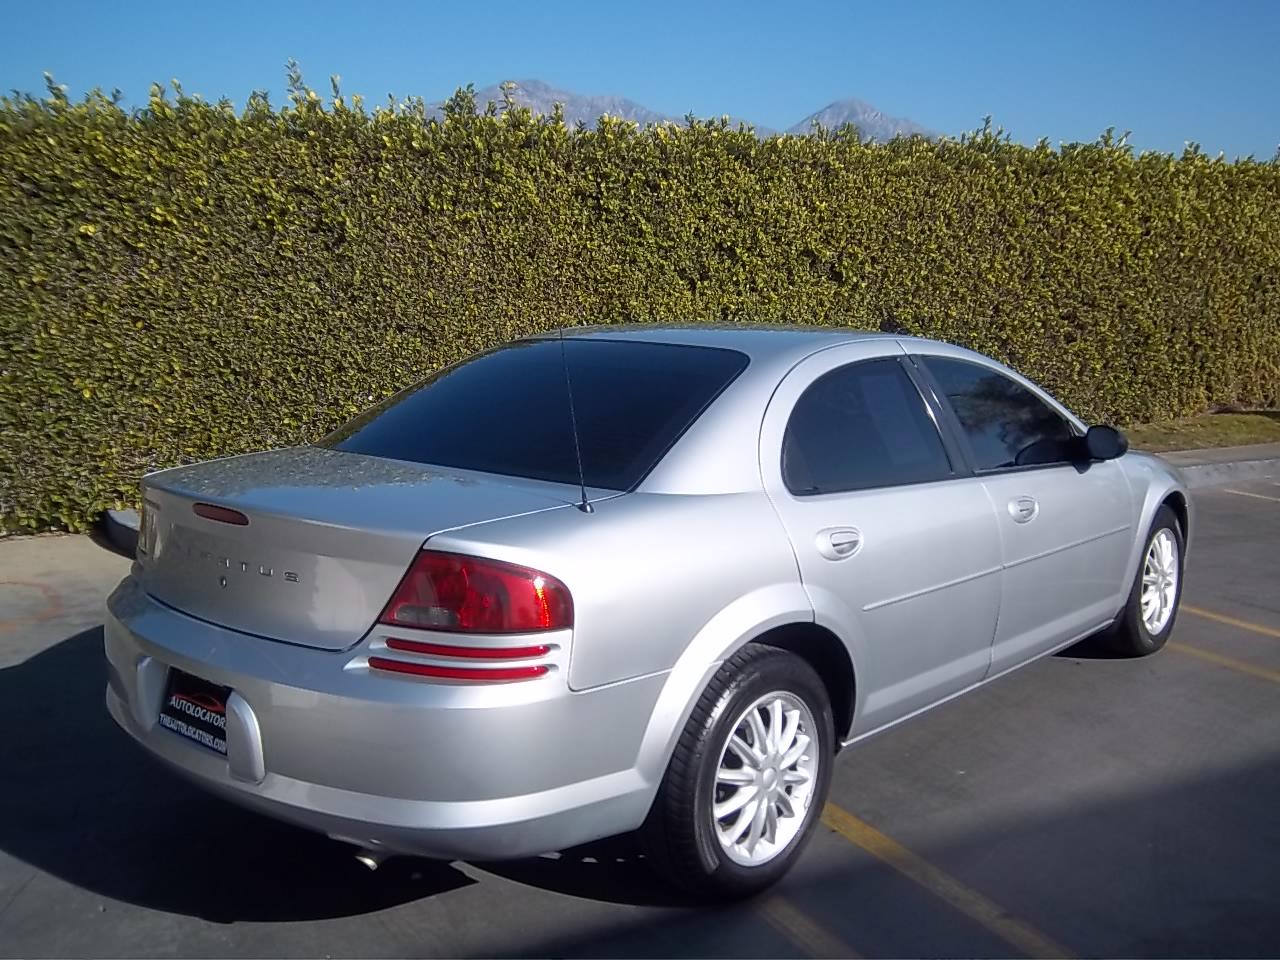 stratus dodge 2006 sxt cars sedan cargurus